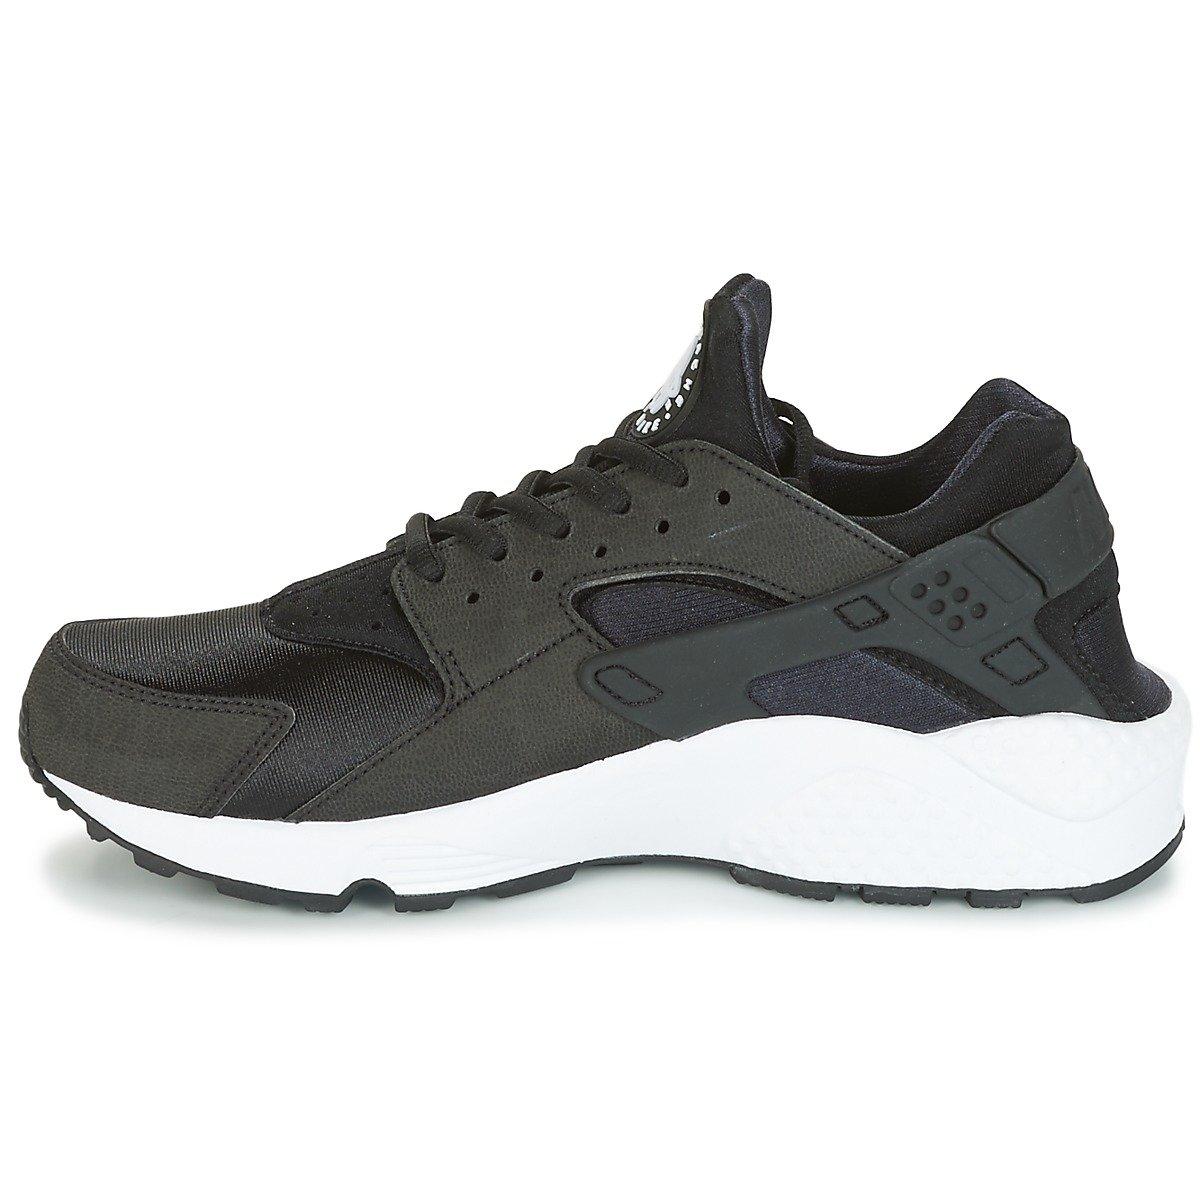 Preise vergleichen und günstig kaufen Nike Air Huarache Run